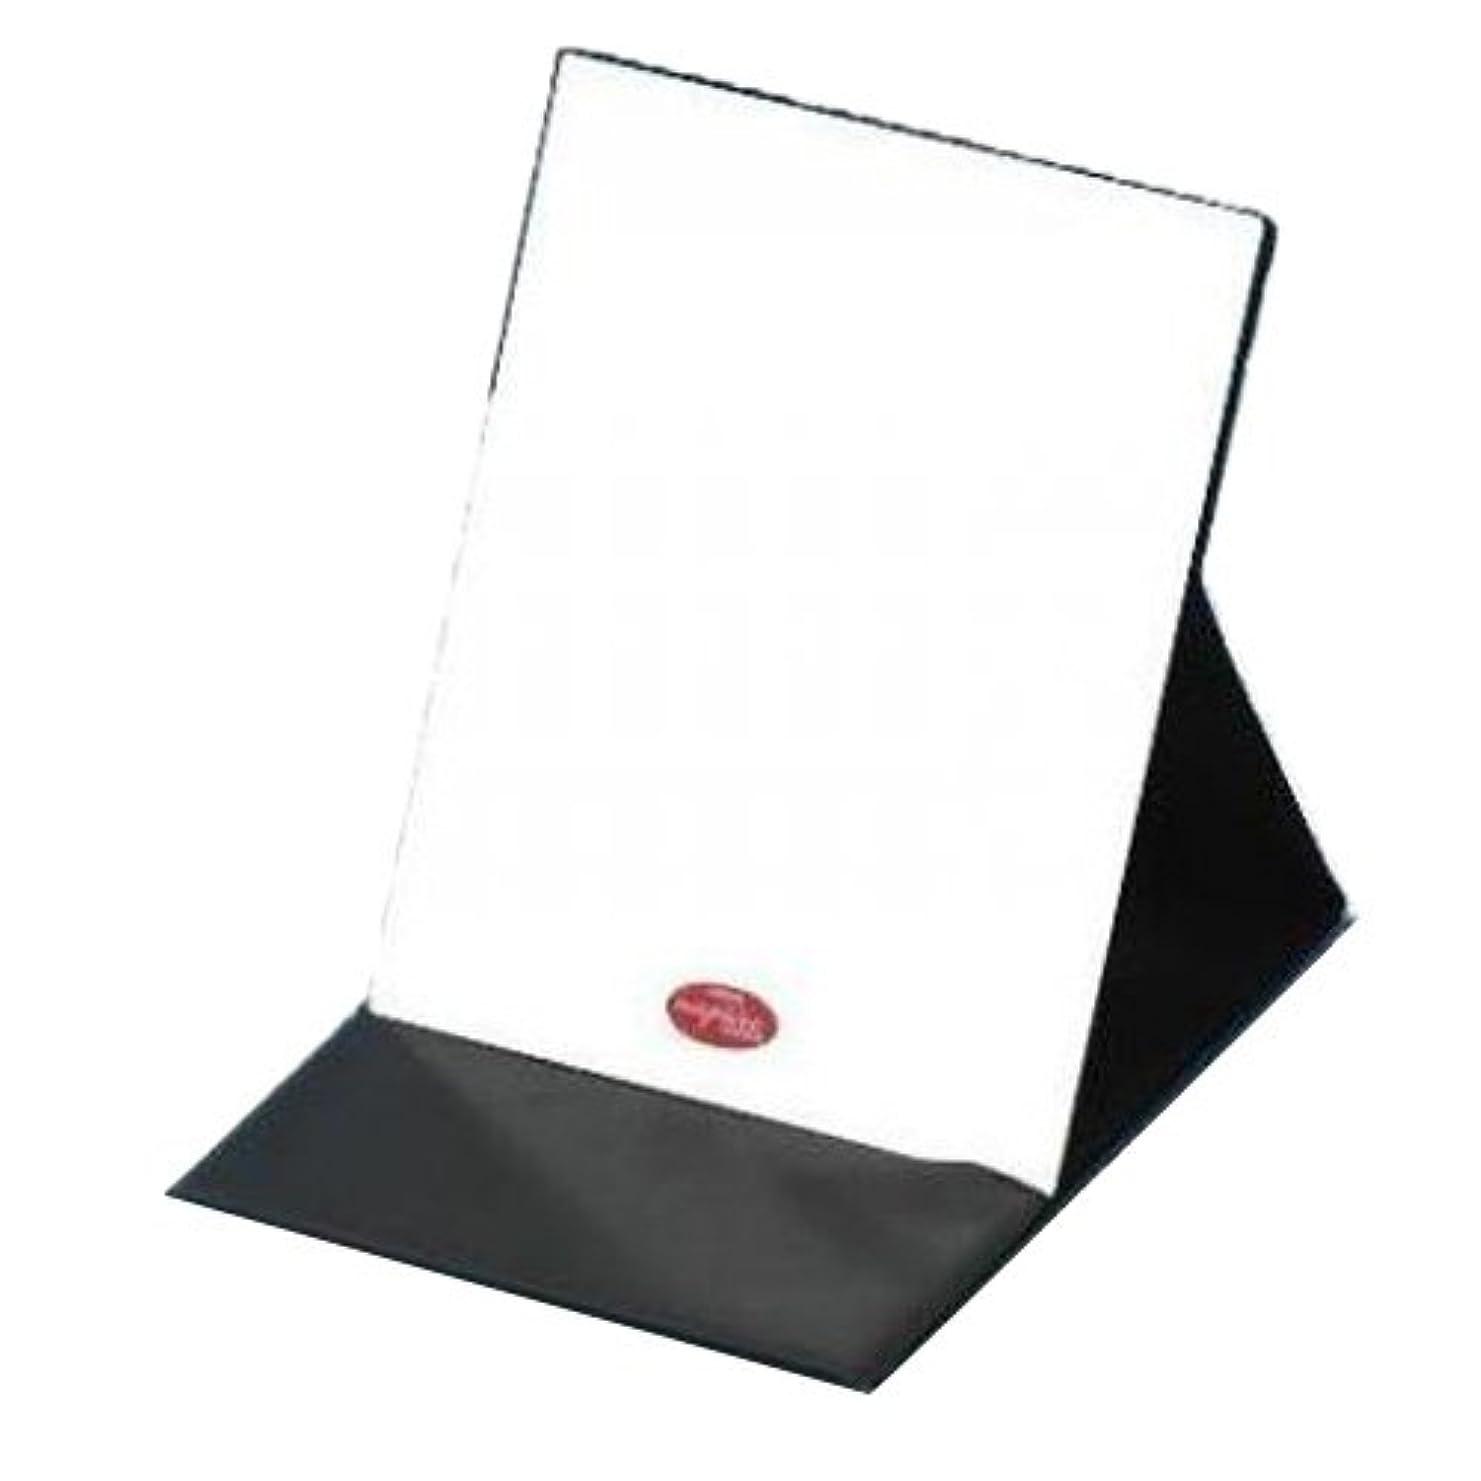 あいまい視線高原HP-43 ナピュア プロモデル拡大鏡付き折立ミラー(L)